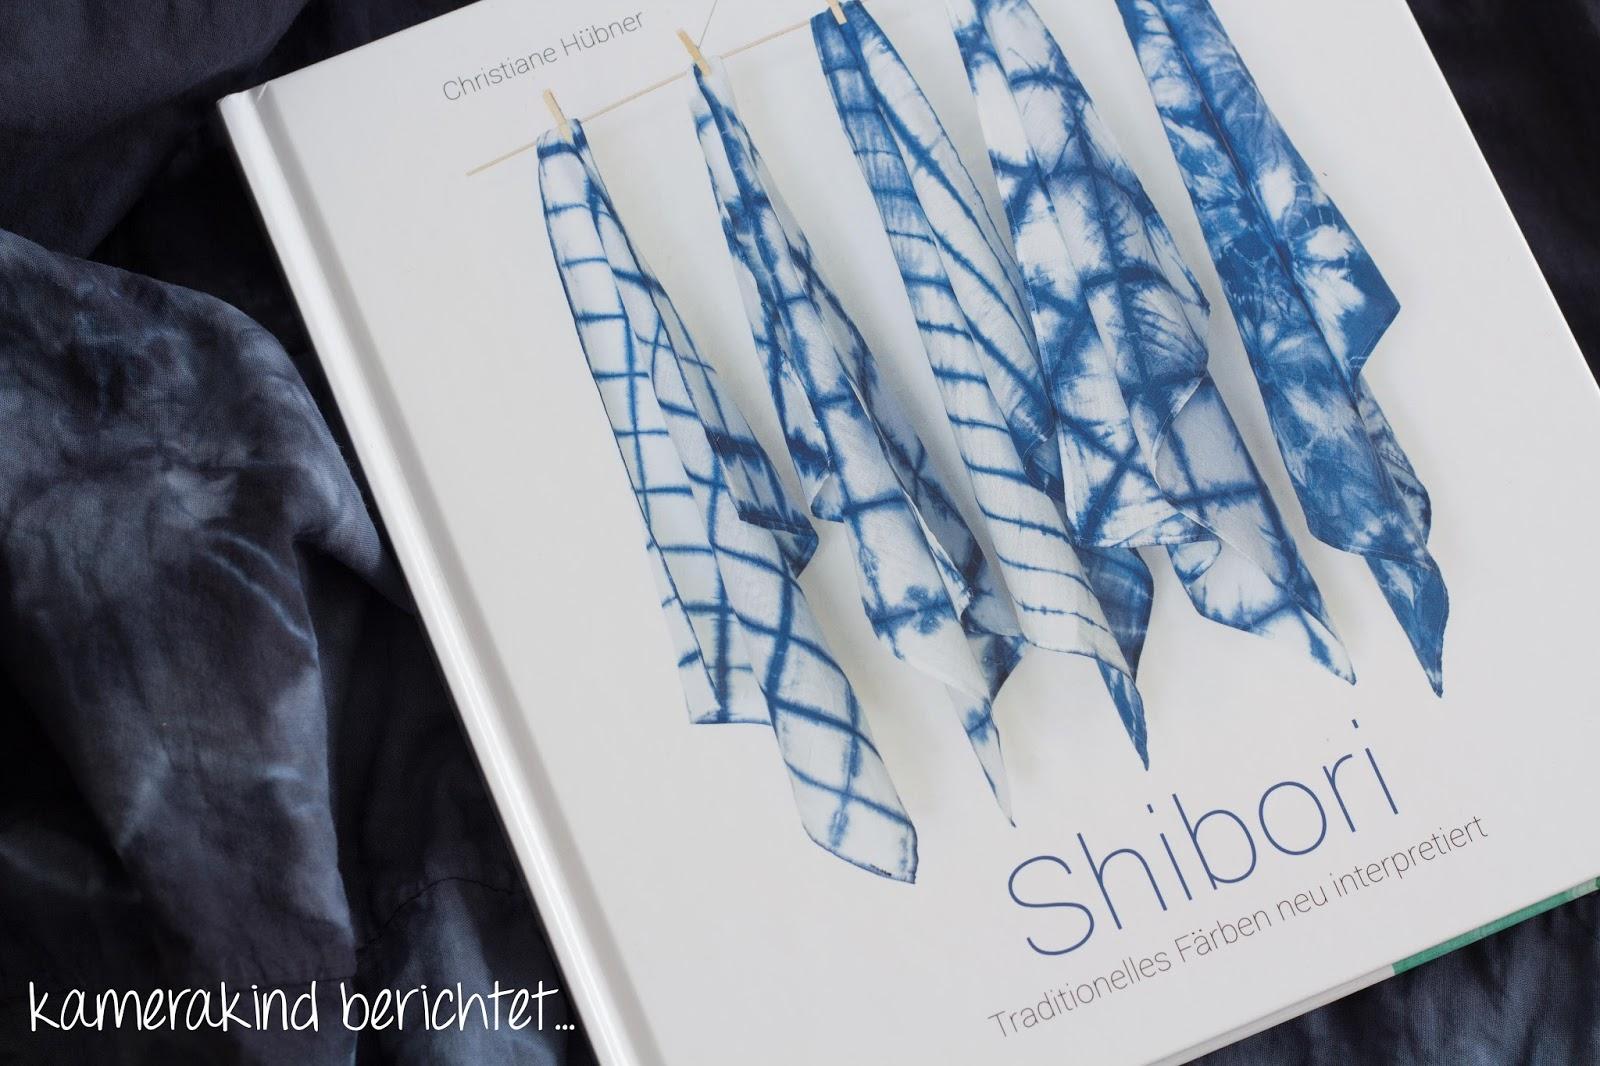 shibori - stoff traditionell färben [rezension] | kamerakind